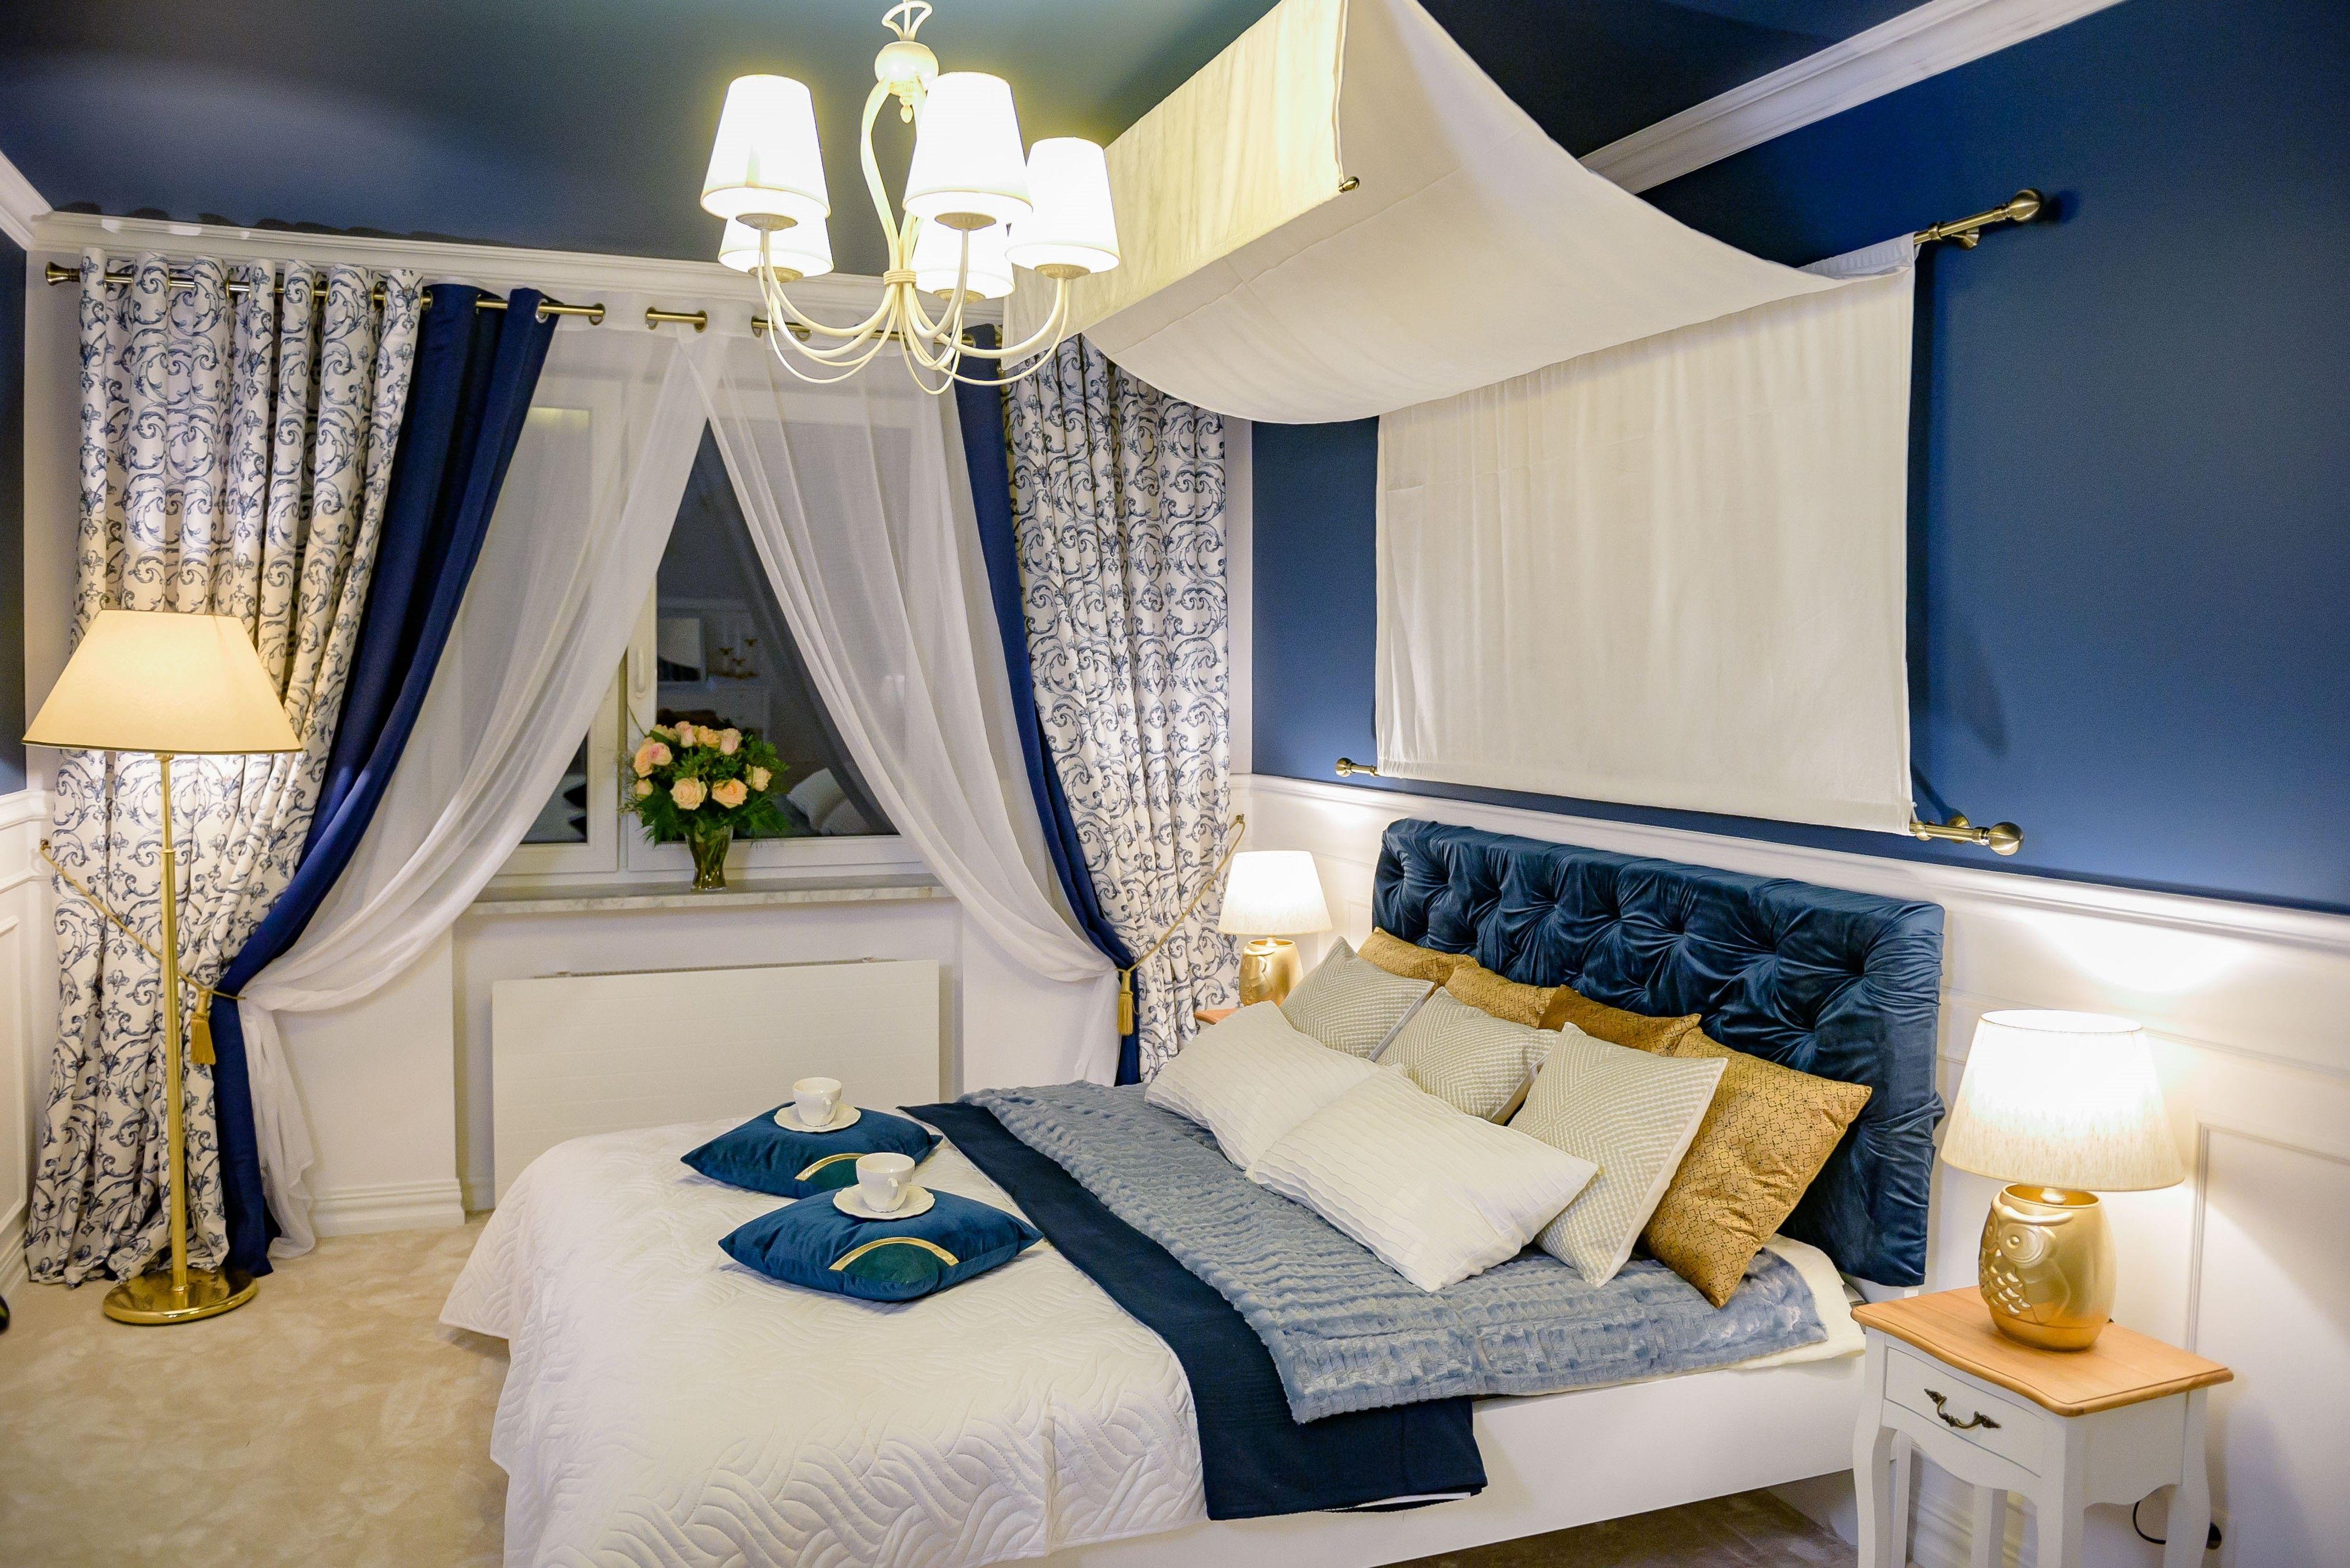 Tę Sypialnię Zaprojektowaliśmy I Wykonaliśmy Do Programu